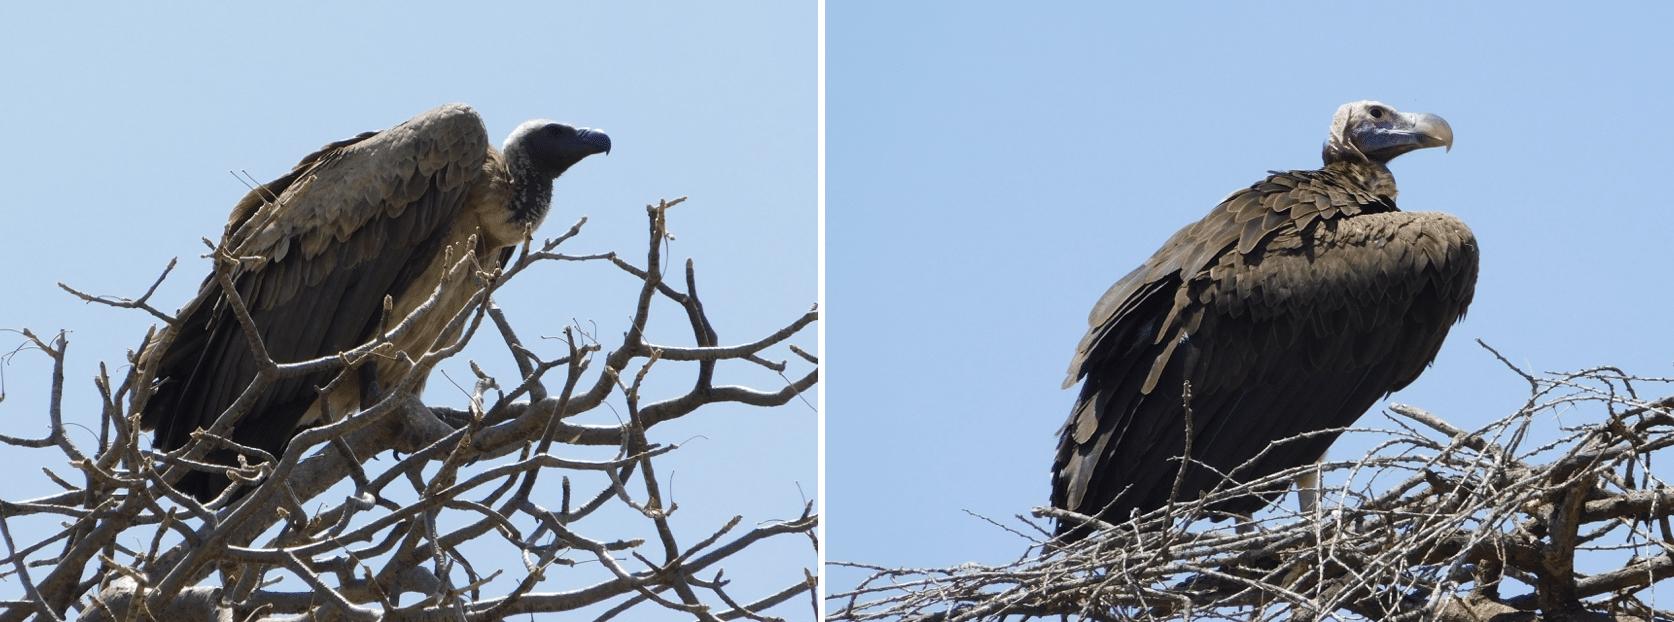 des aigles dans le parc de tarangire